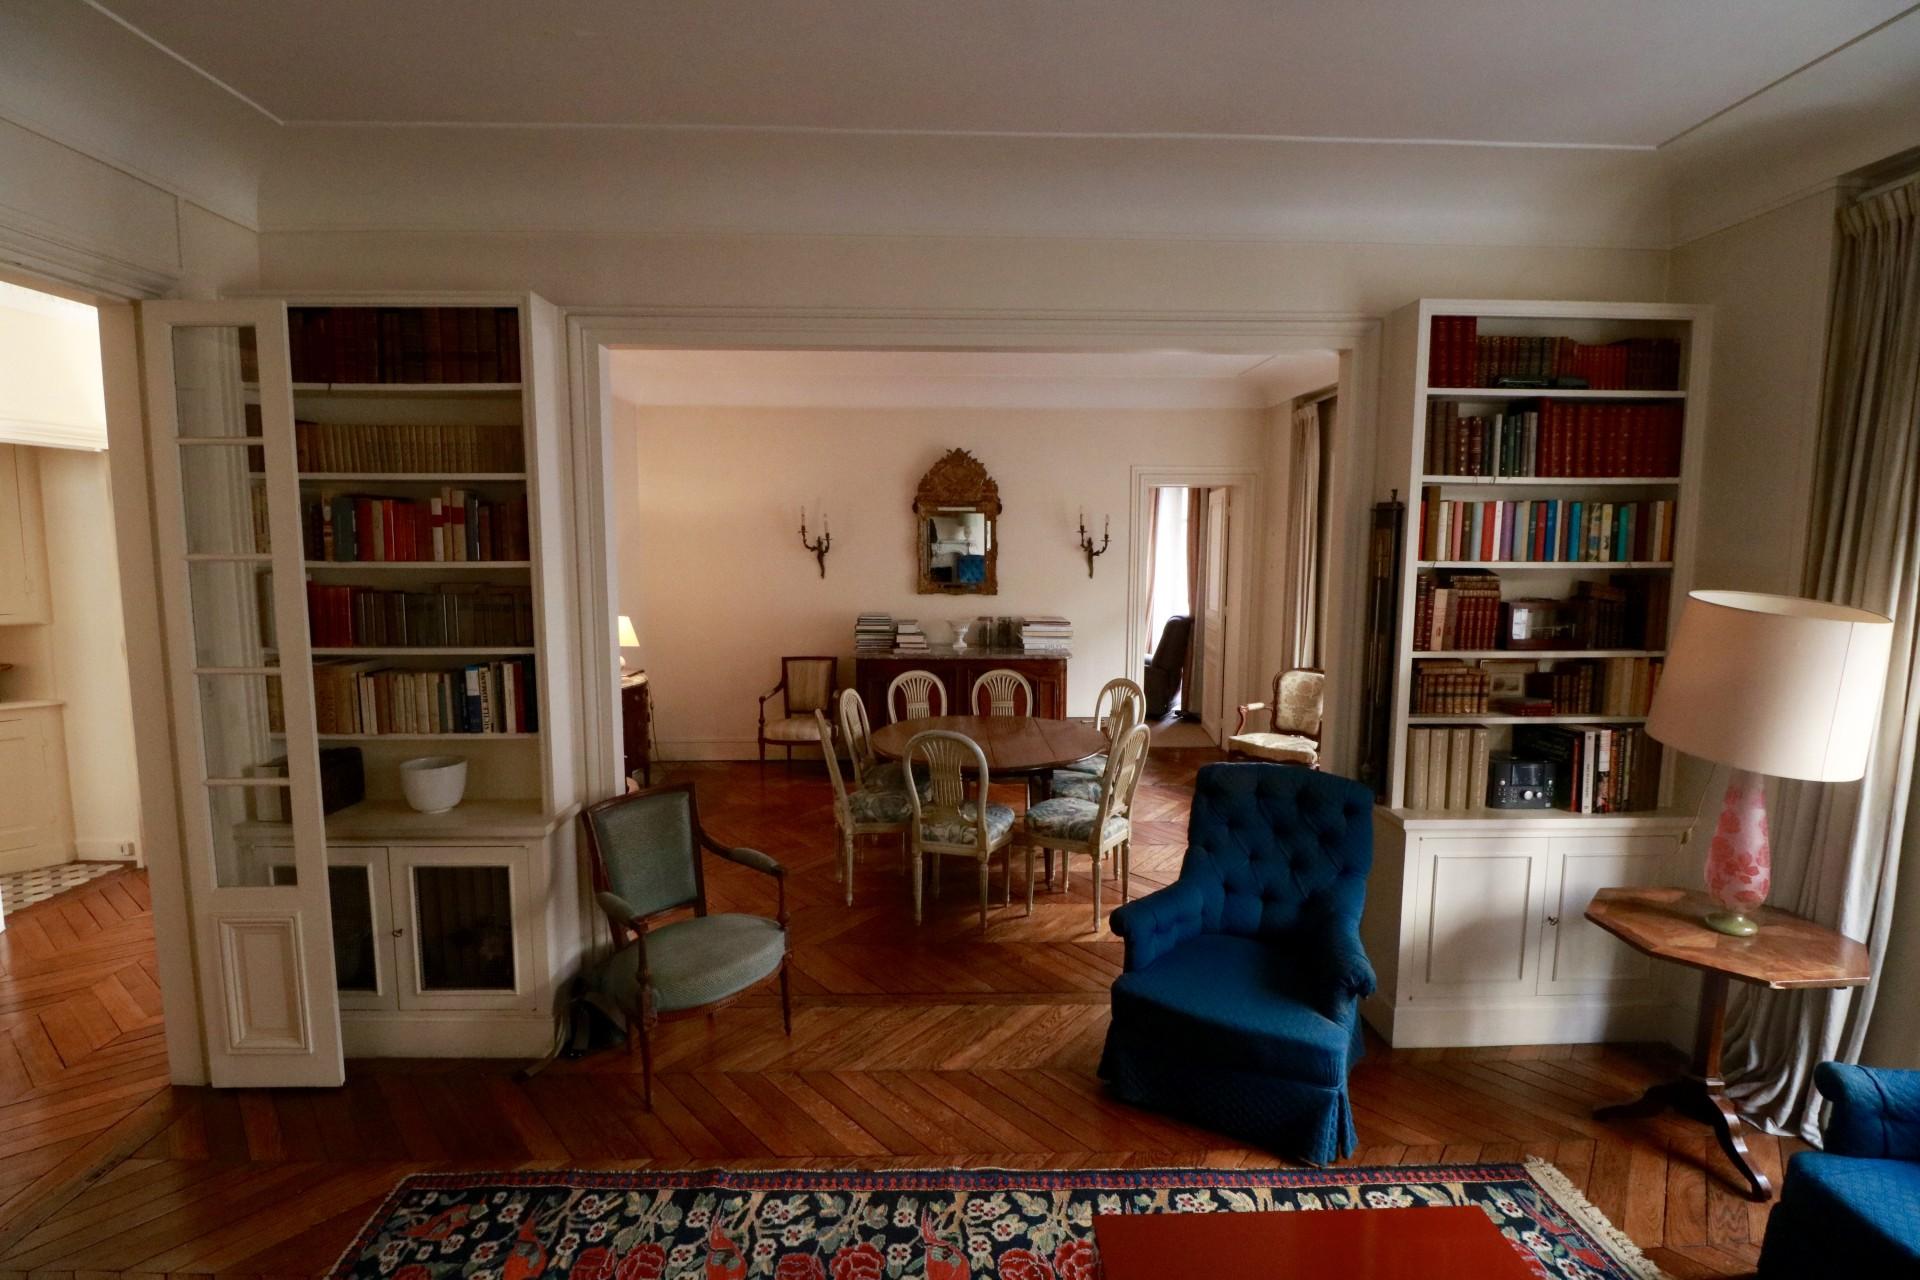 la-clef-des-villes-agence-immobiliere-paris-16-photo-appartement-la-muette-double-sejour